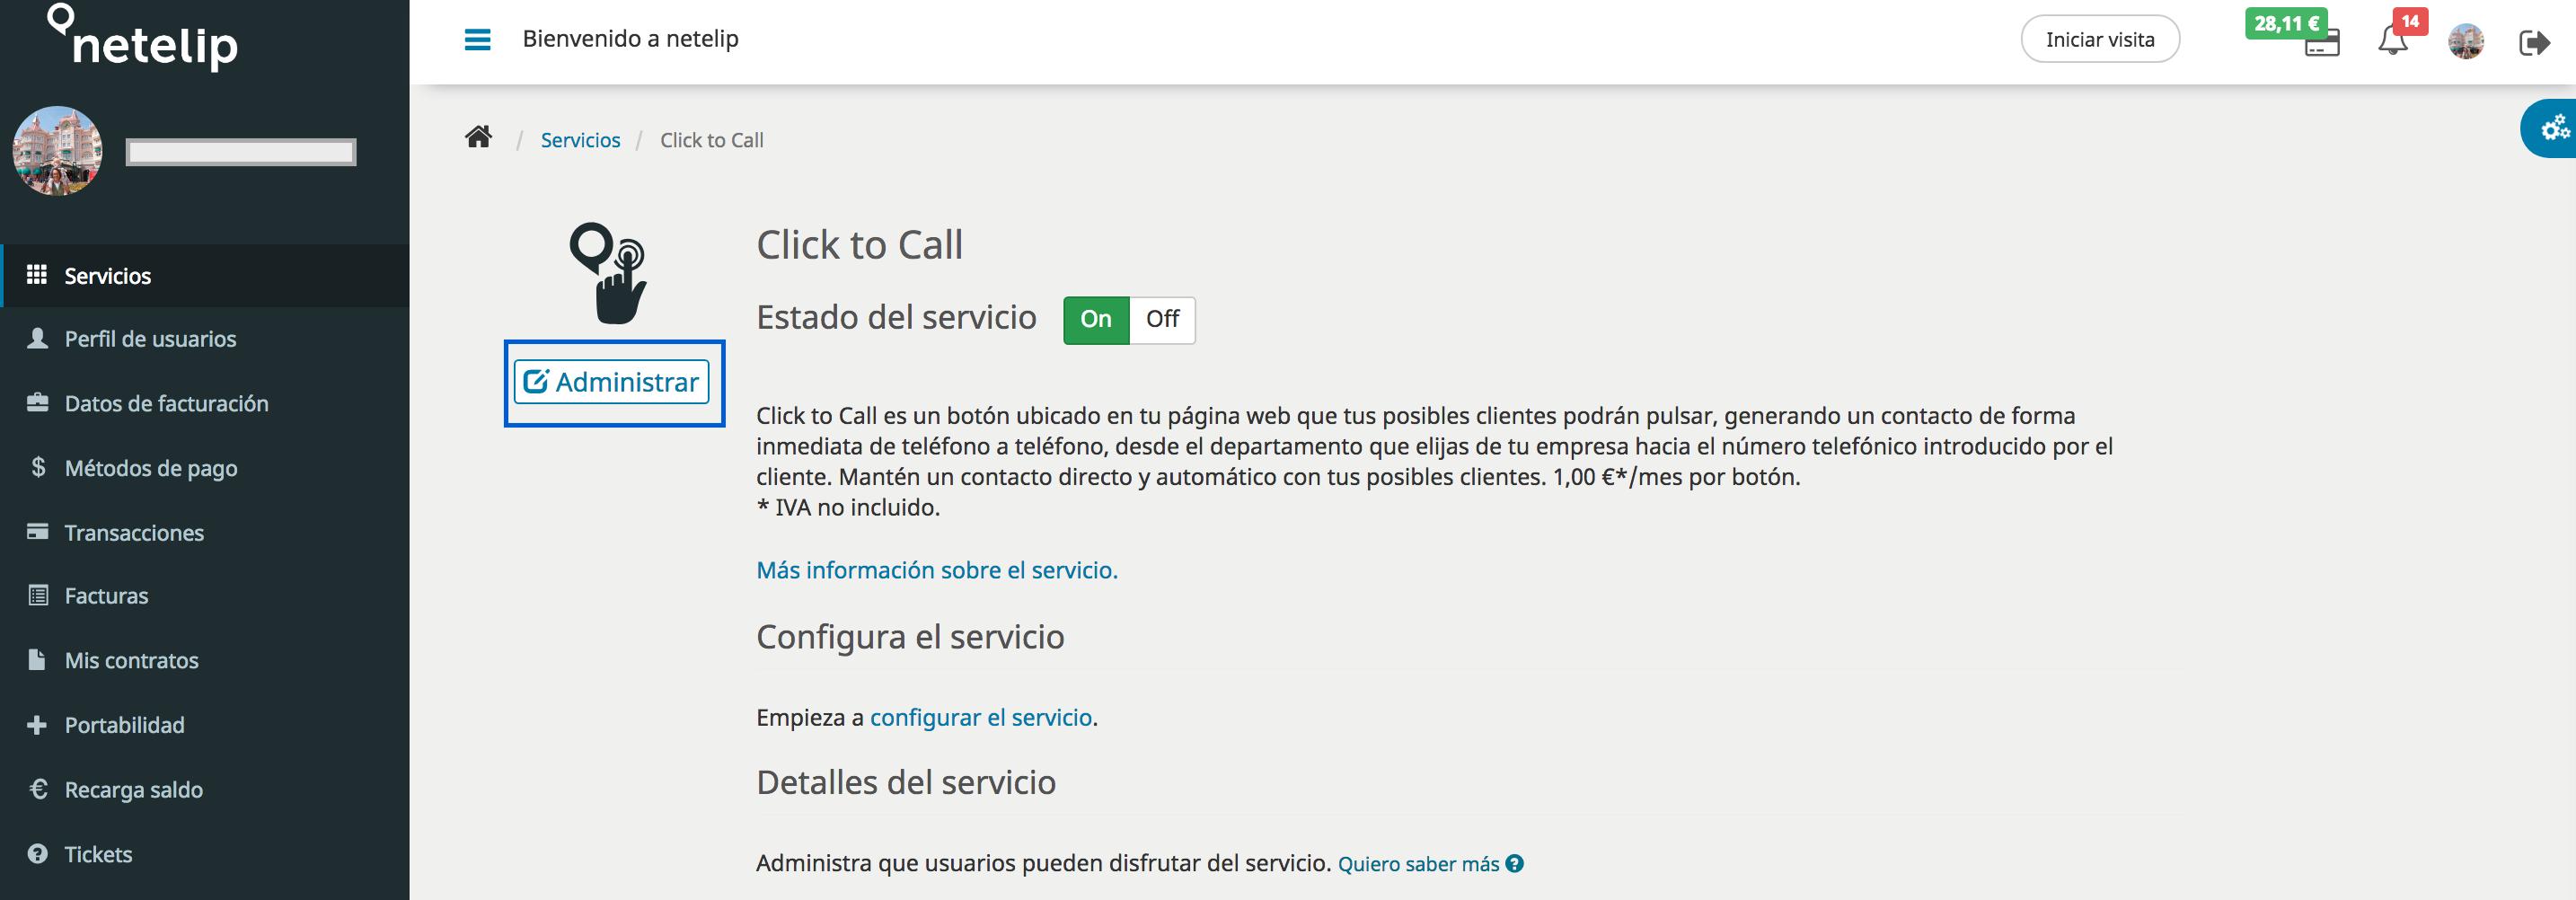 Click to Call activación servicio